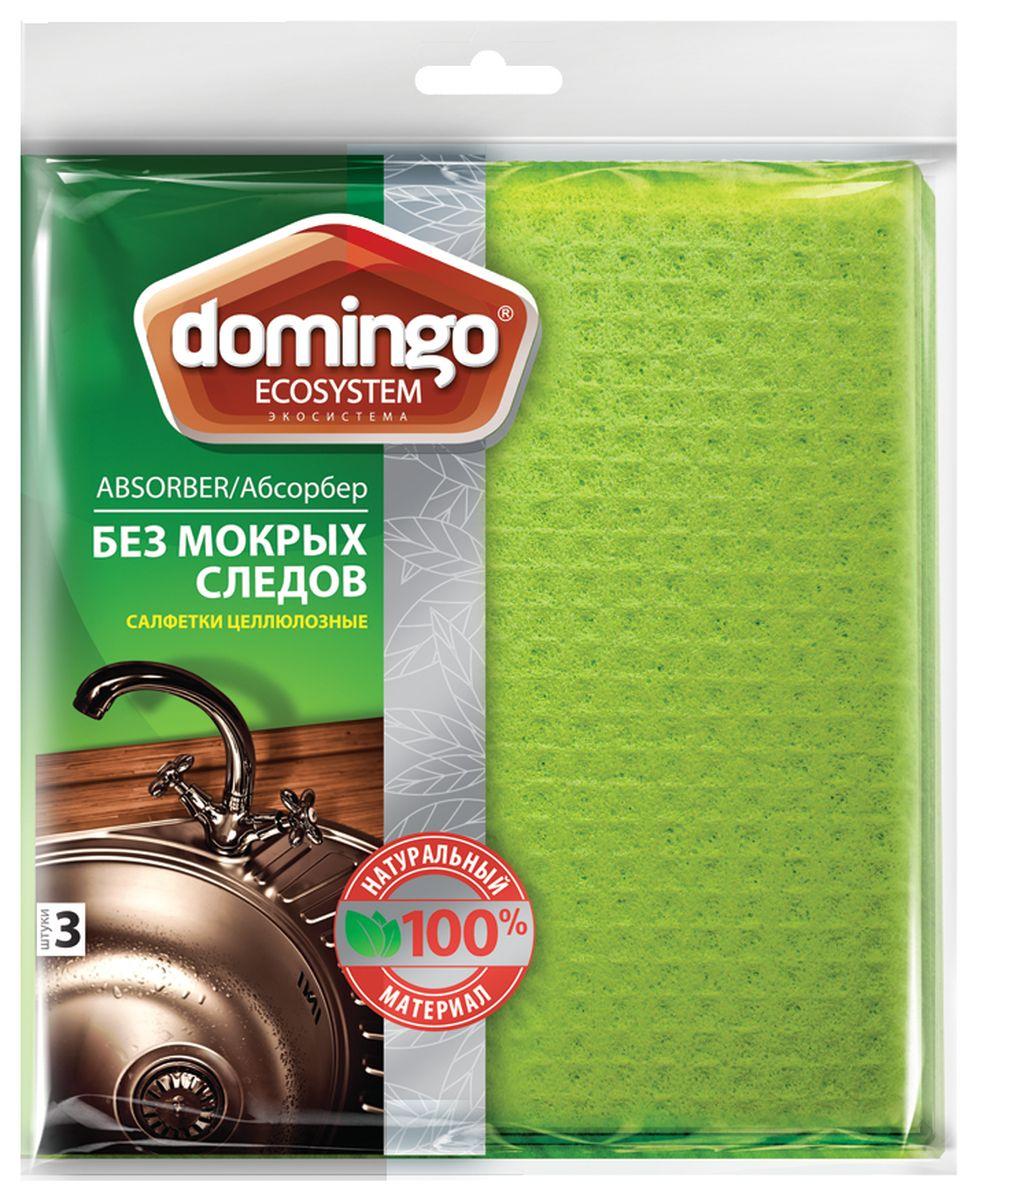 Салфетка для уборки Доминго Абсорбер, 18 х 20 см, 3 штС0102Идеальна для протирки стола и вокруг раковины: благодаря сцеплению с поверхностью вытирает чисто и насухо, не нужно использовать мокрую губку и сухое полотенце.